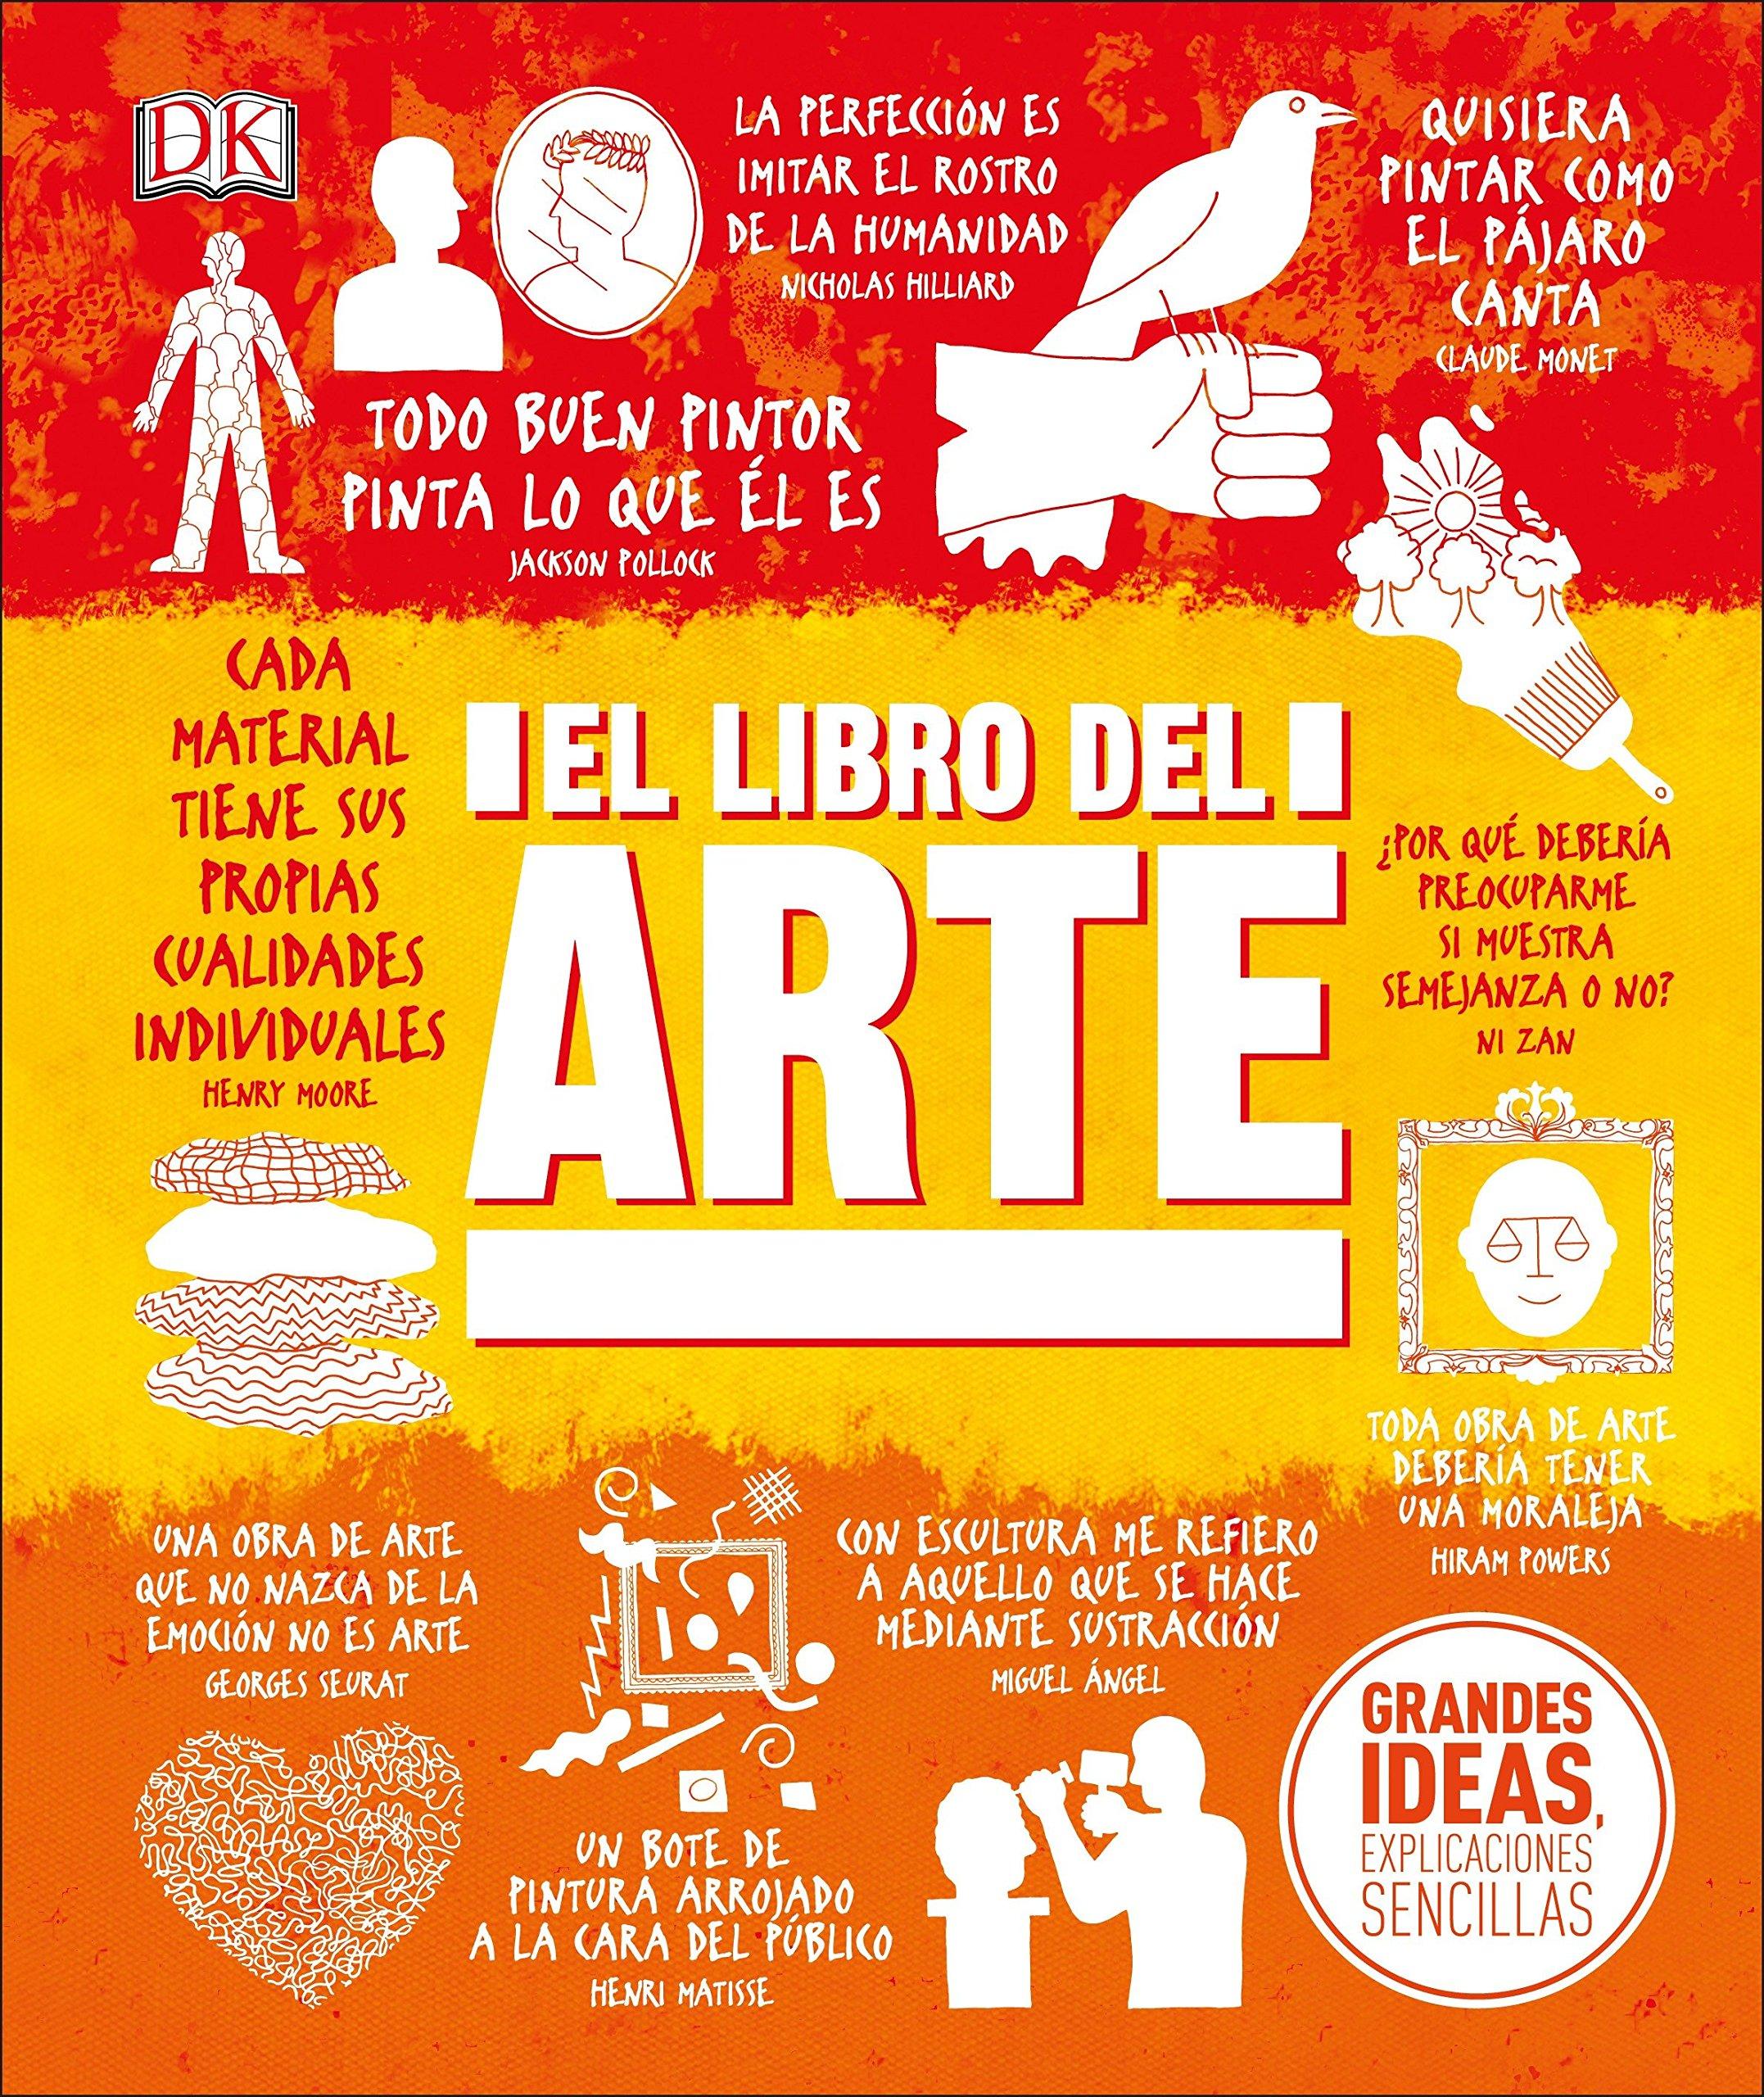 El Libro del Arte desbroza la jerga de la historia y la teoría del arte junto con las imágenes de las mayores obras del arte del mundo.